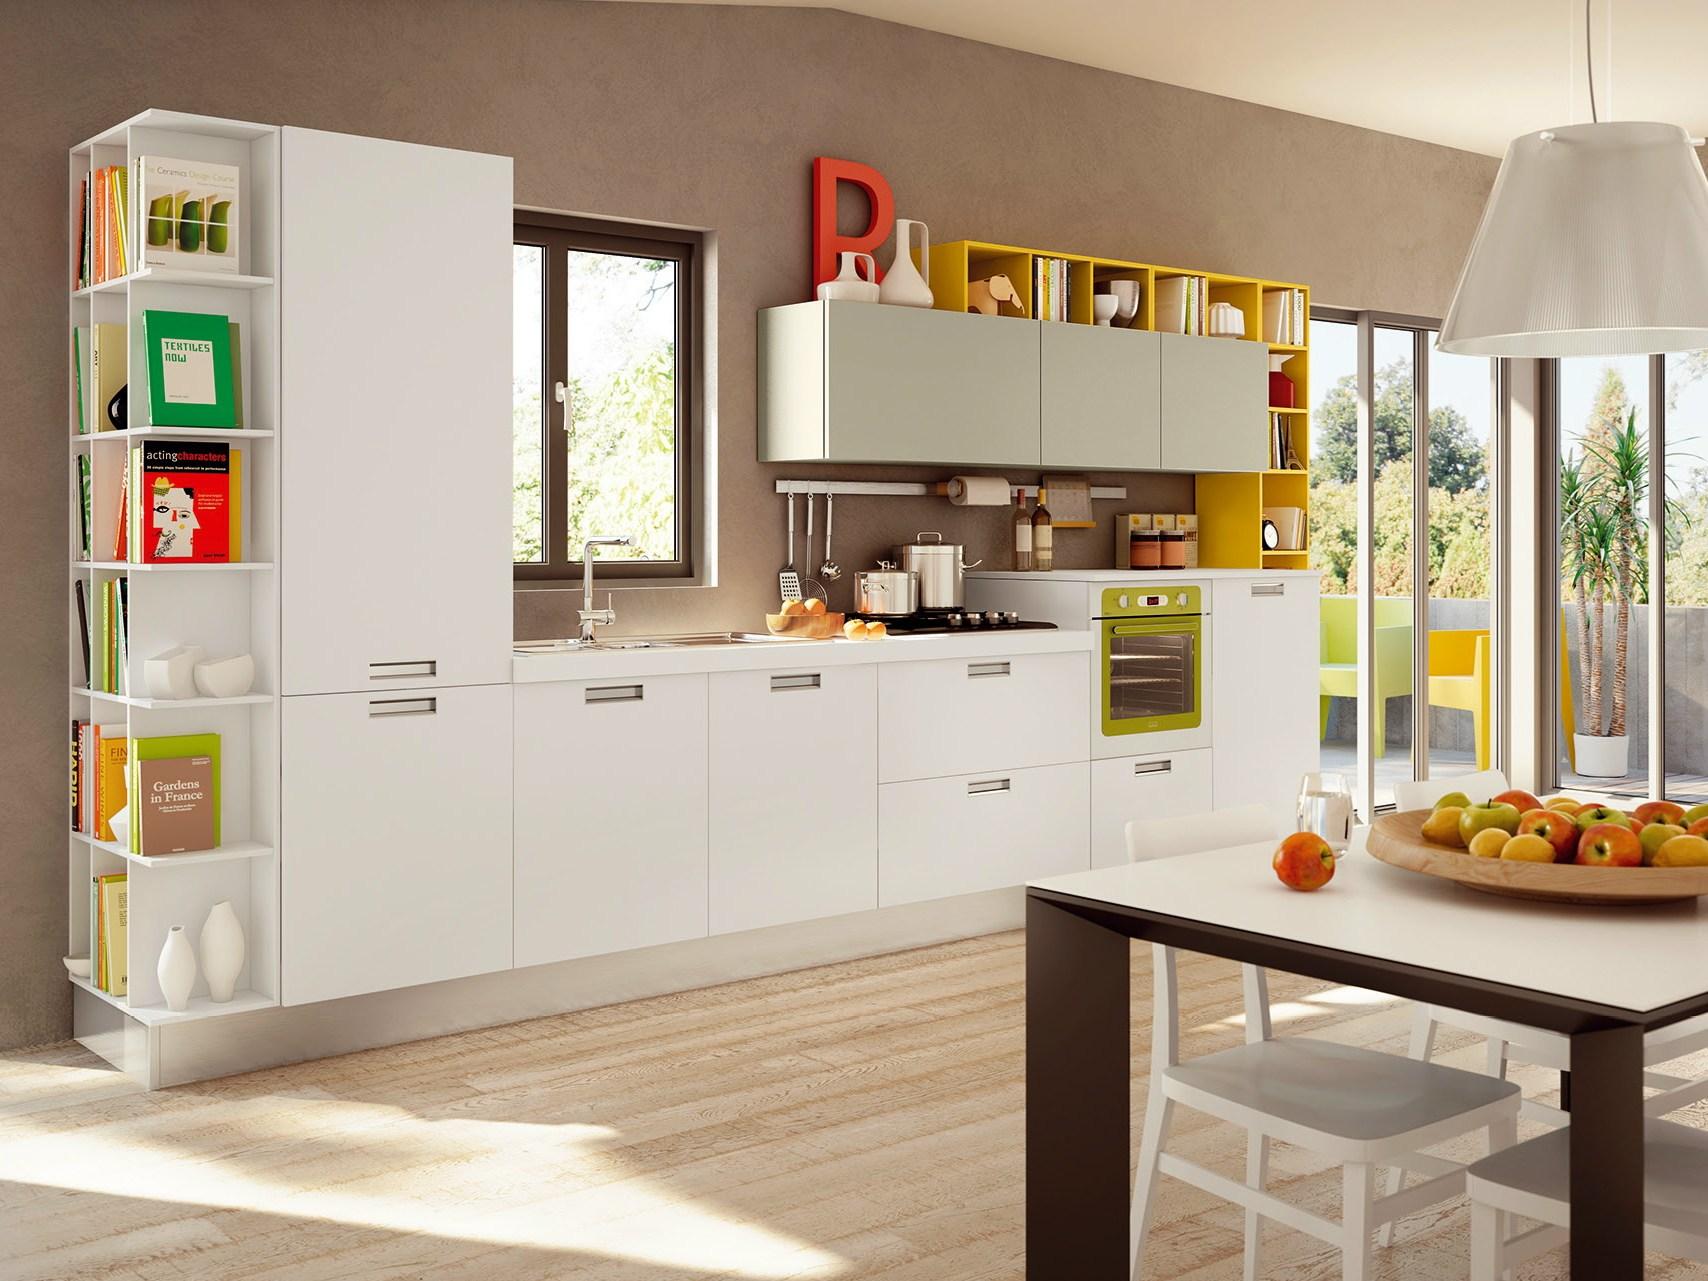 Elementi Per Cucine Componibili. Elegant Elementi Per Cucina Ikea ...